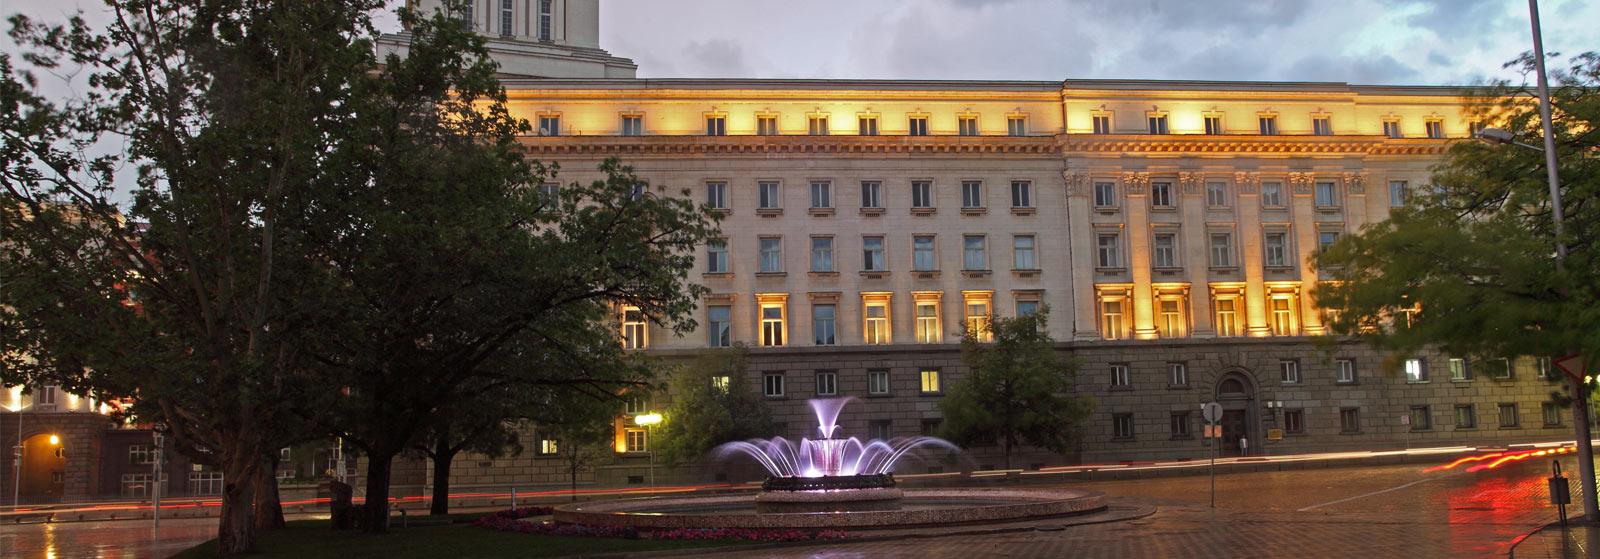 """Народното събрание, Президентството, повечето министерства както и много административни сгради се намират в район """"Средец"""""""